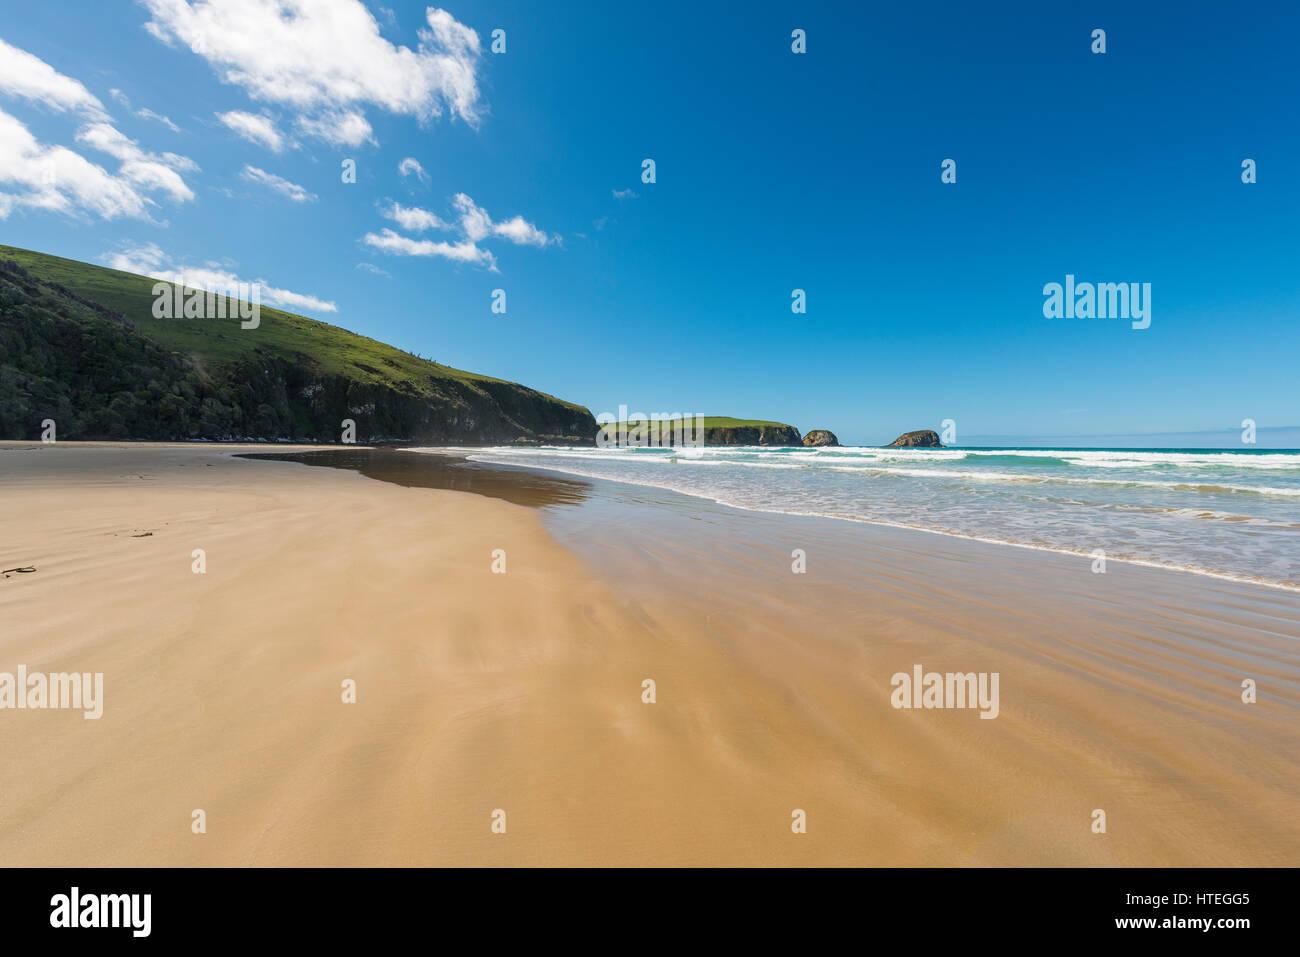 Plage de sable fin, la baie de Tautuku, la région de Southland, Catlins, Southland, Nouvelle-Zélande Photo Stock